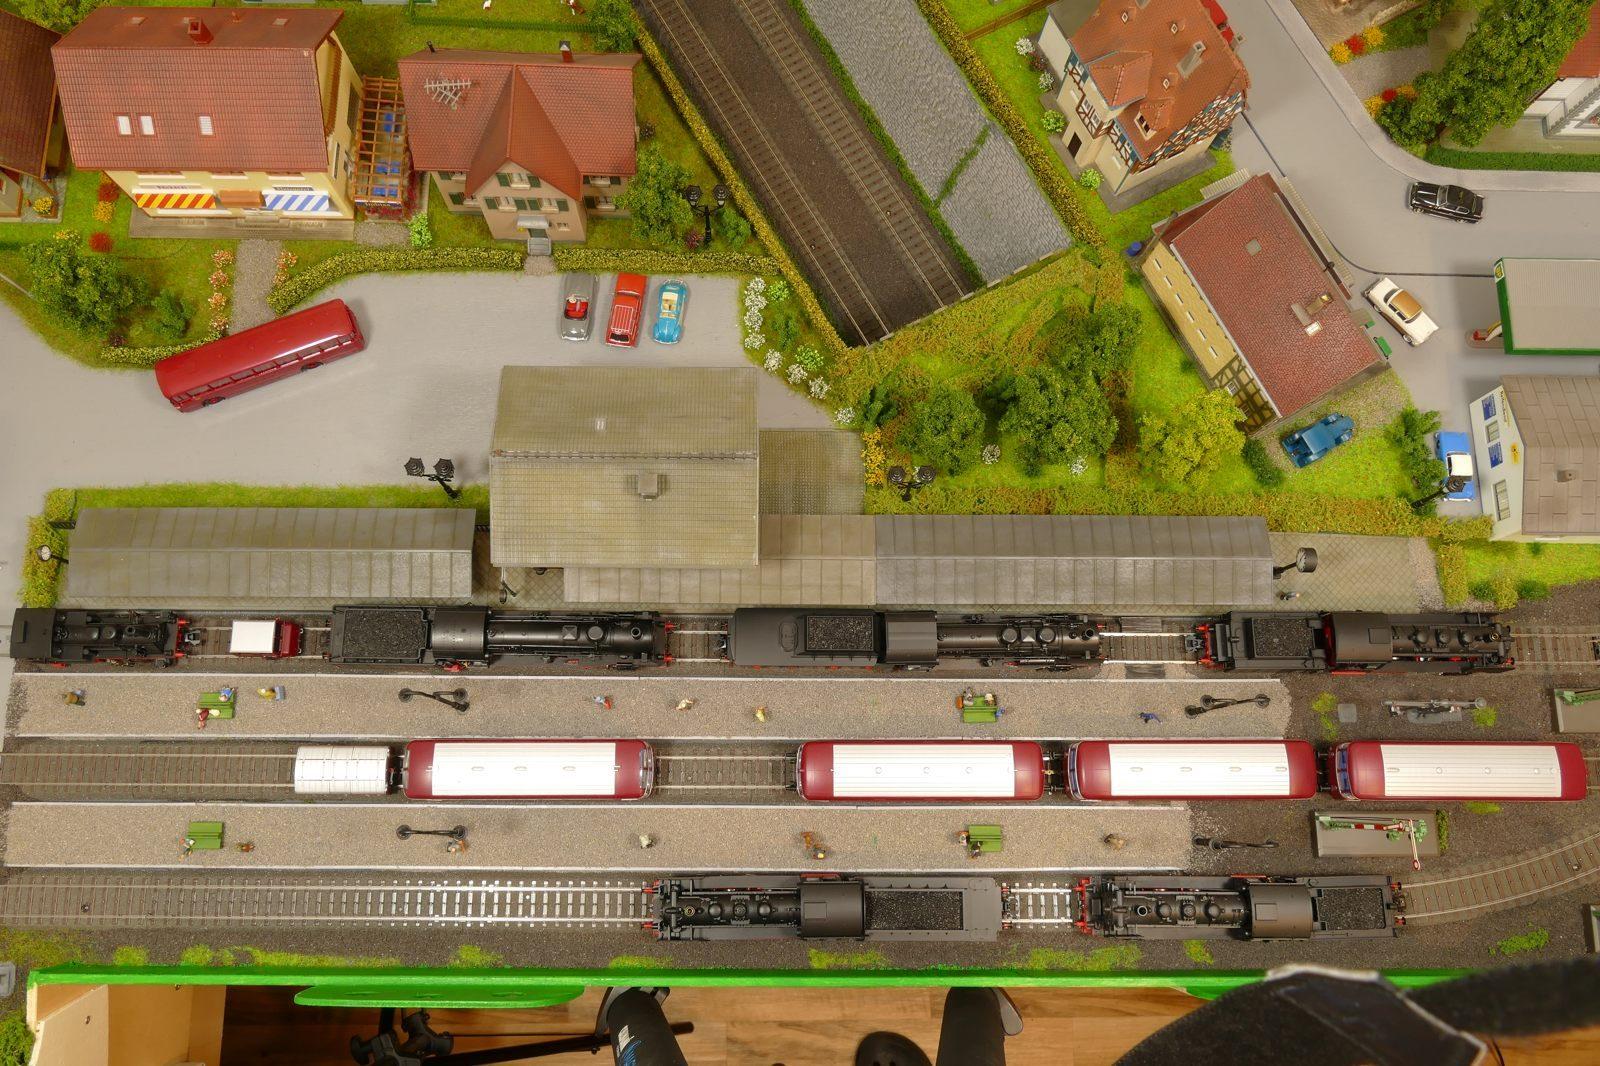 Bahnhof Büren von oben: Dampfloktreffen!